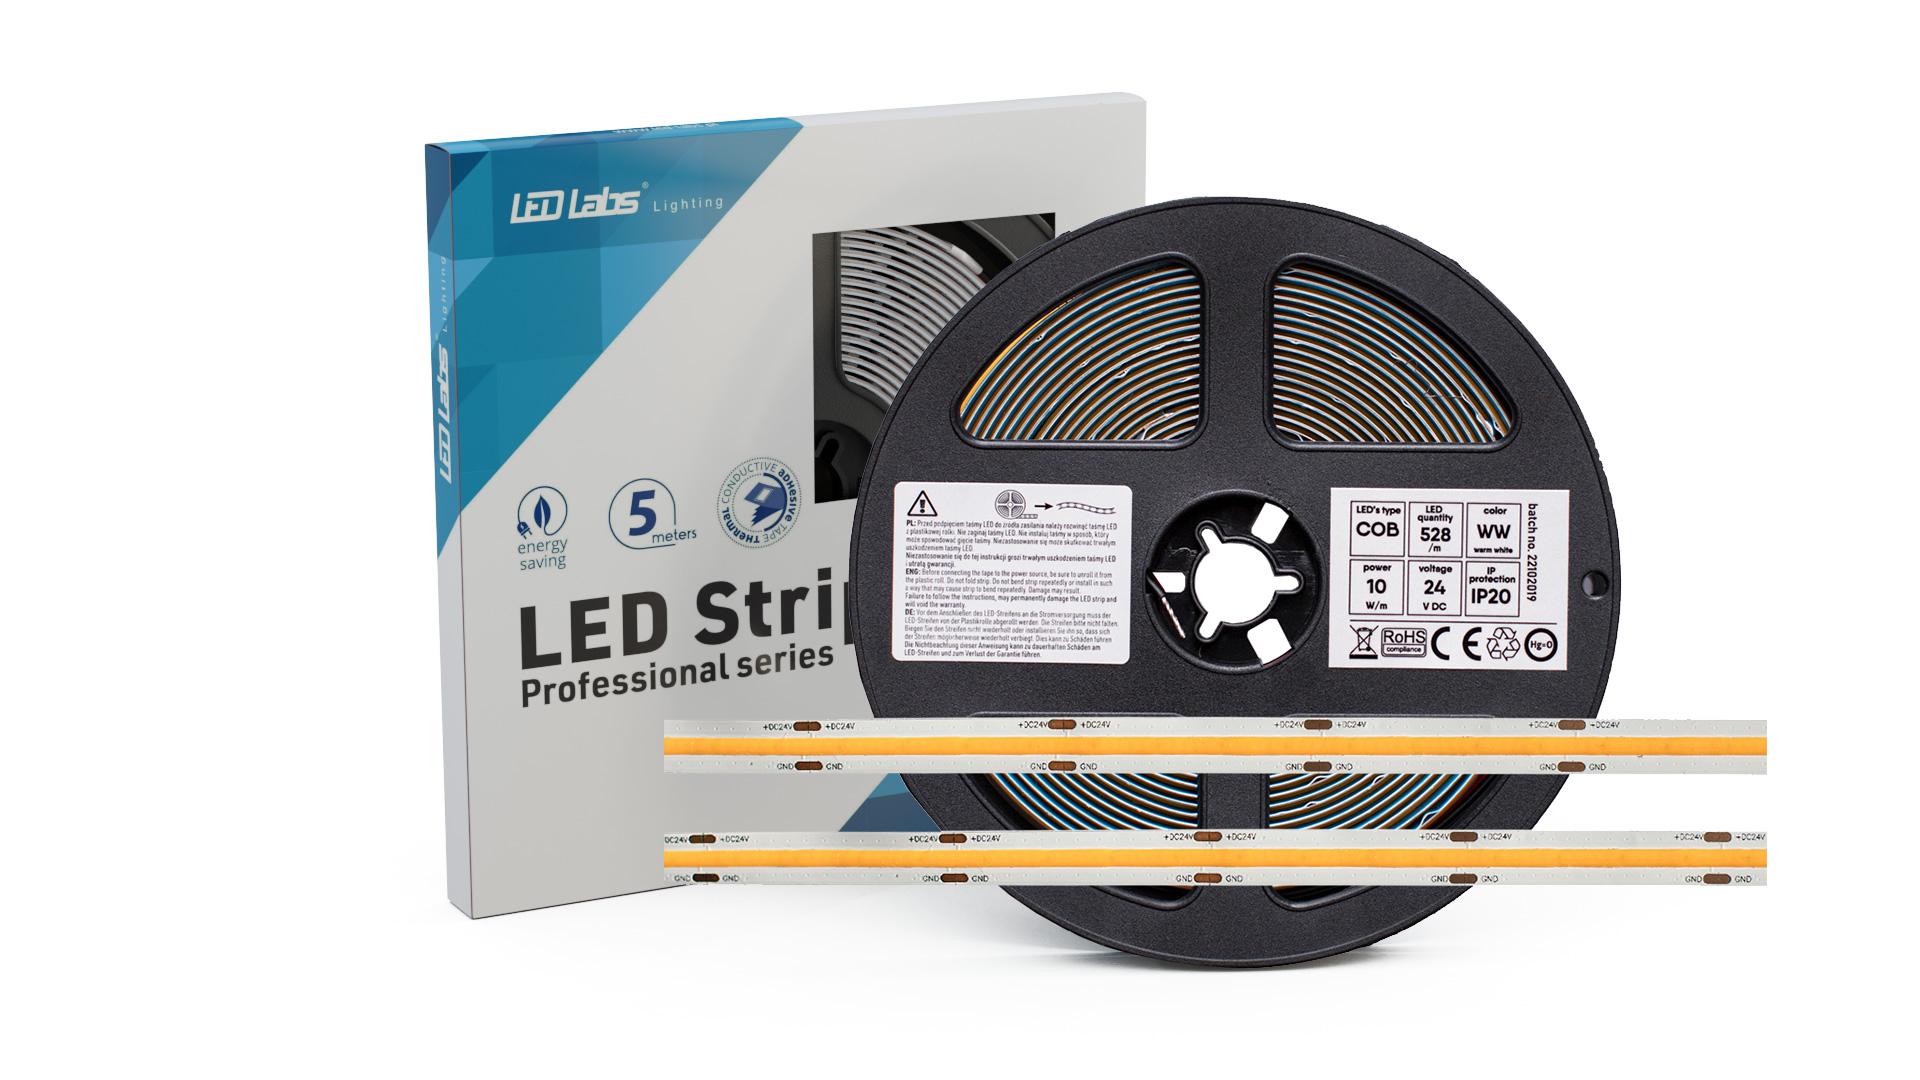 Taśma PRO 3Y 24V 2640 LED COB 10W NW